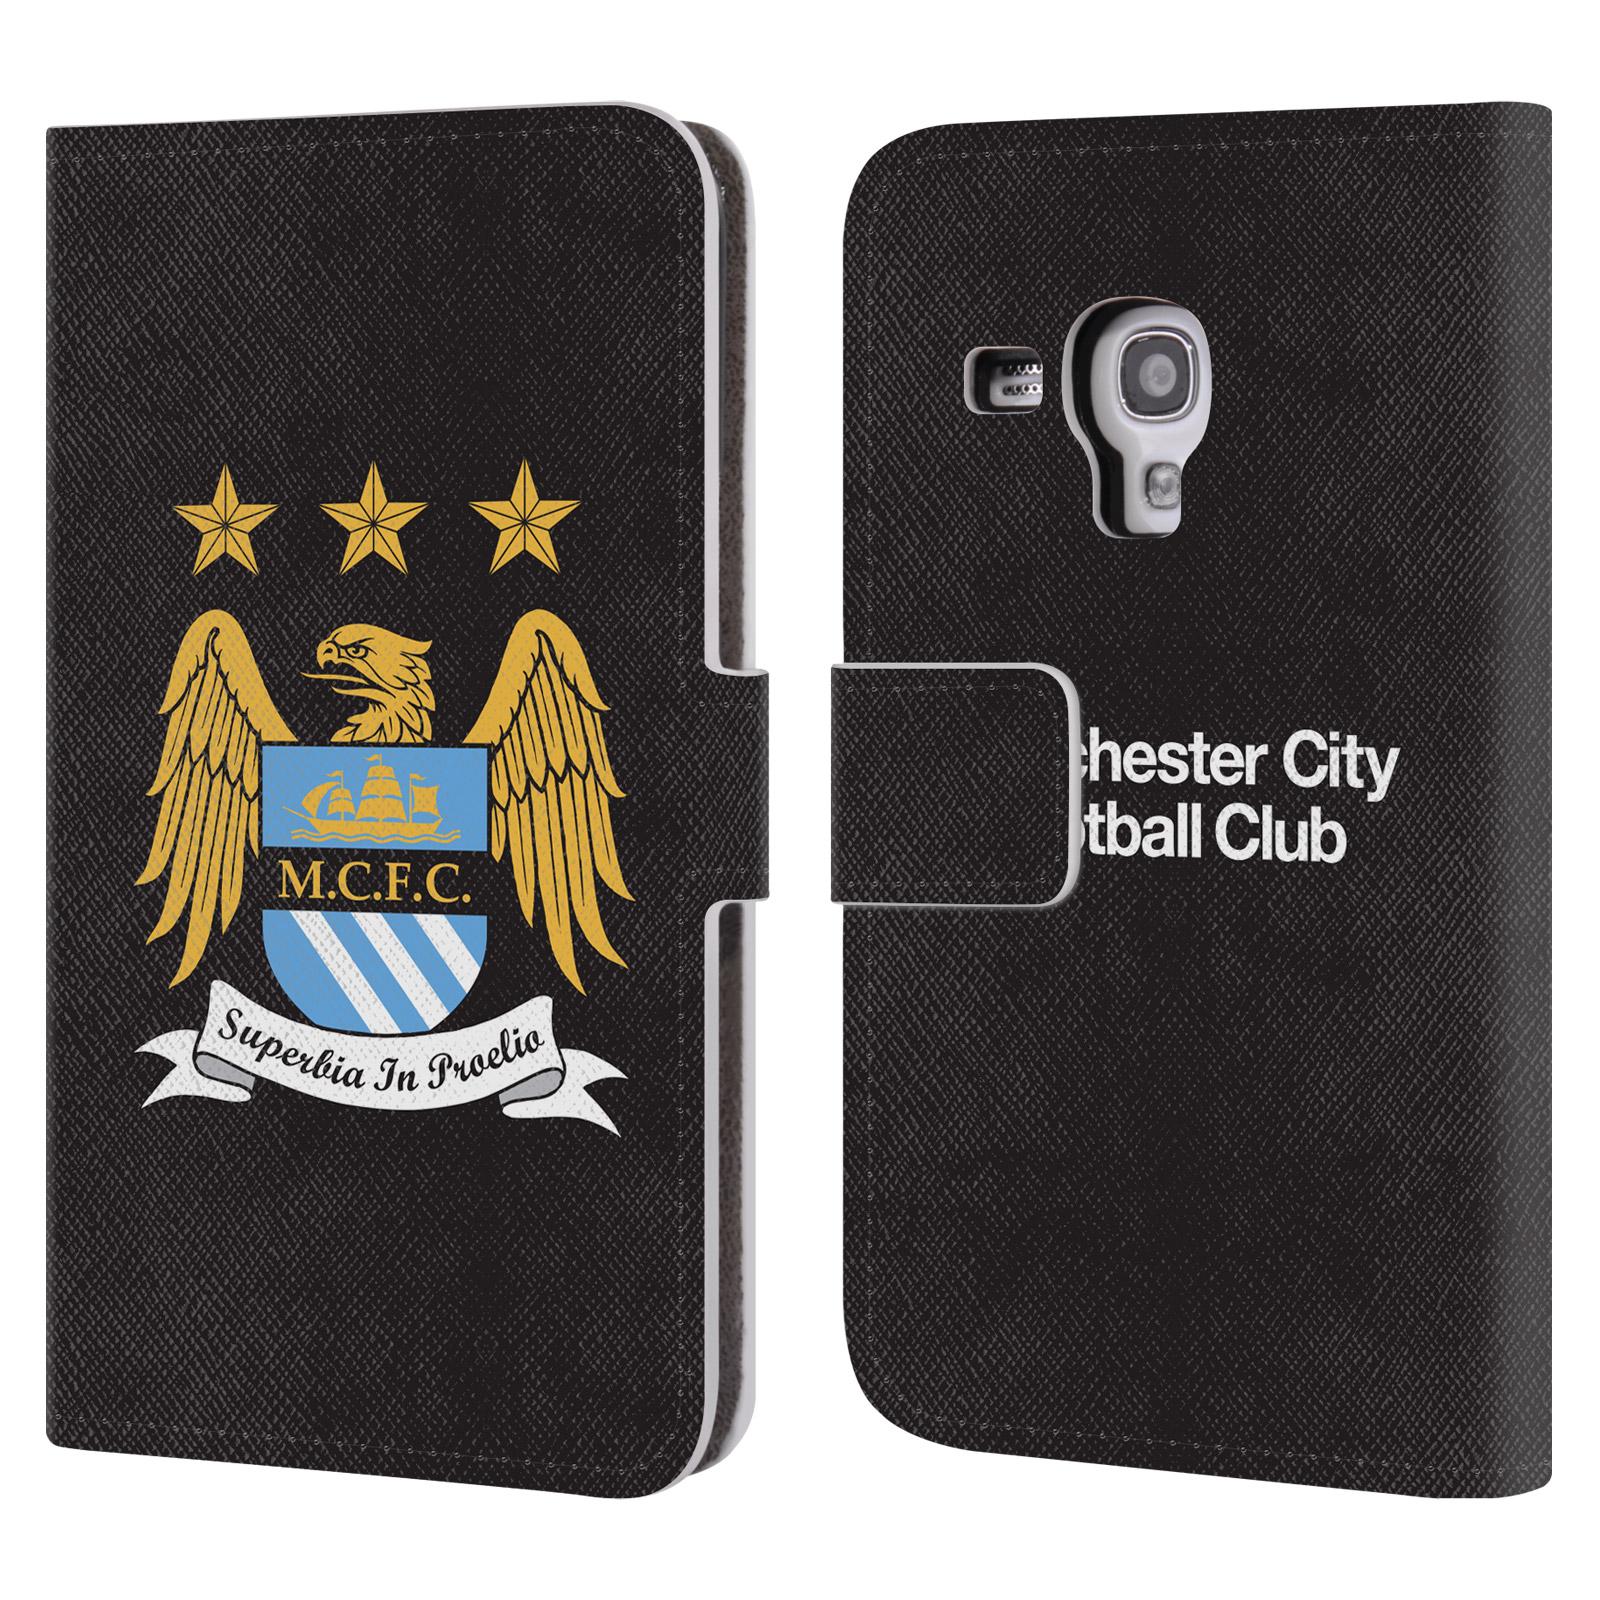 HEAD CASE Flipové pouzdro pro mobil Samsung Galaxy S3 MINI (i8190) / S3 MINI VE (i8200) Oficiální Manchester City znak a černé pozadí